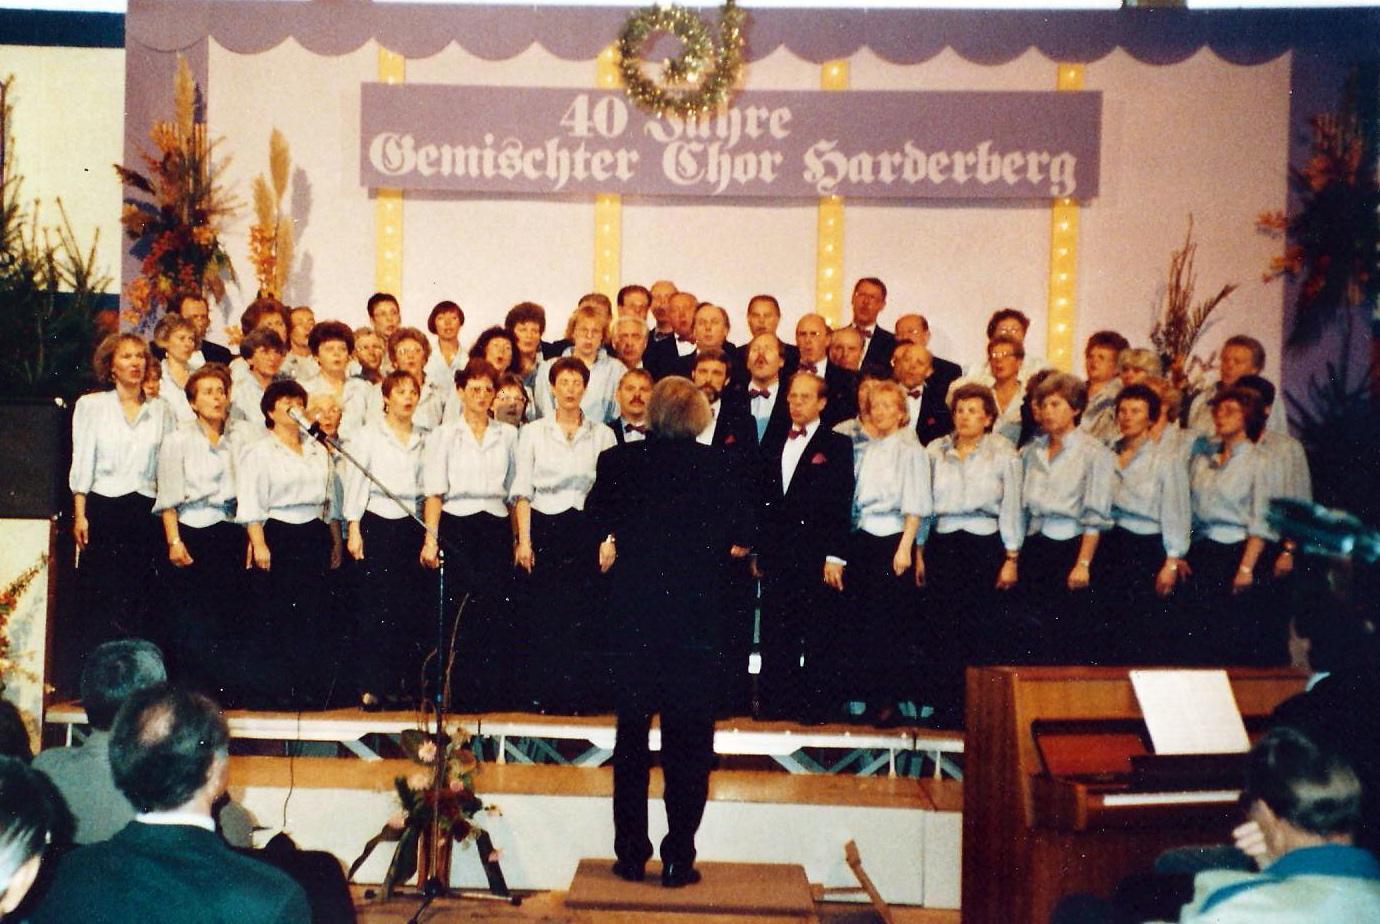 1992 - 40. Jubiläum unseres Chores